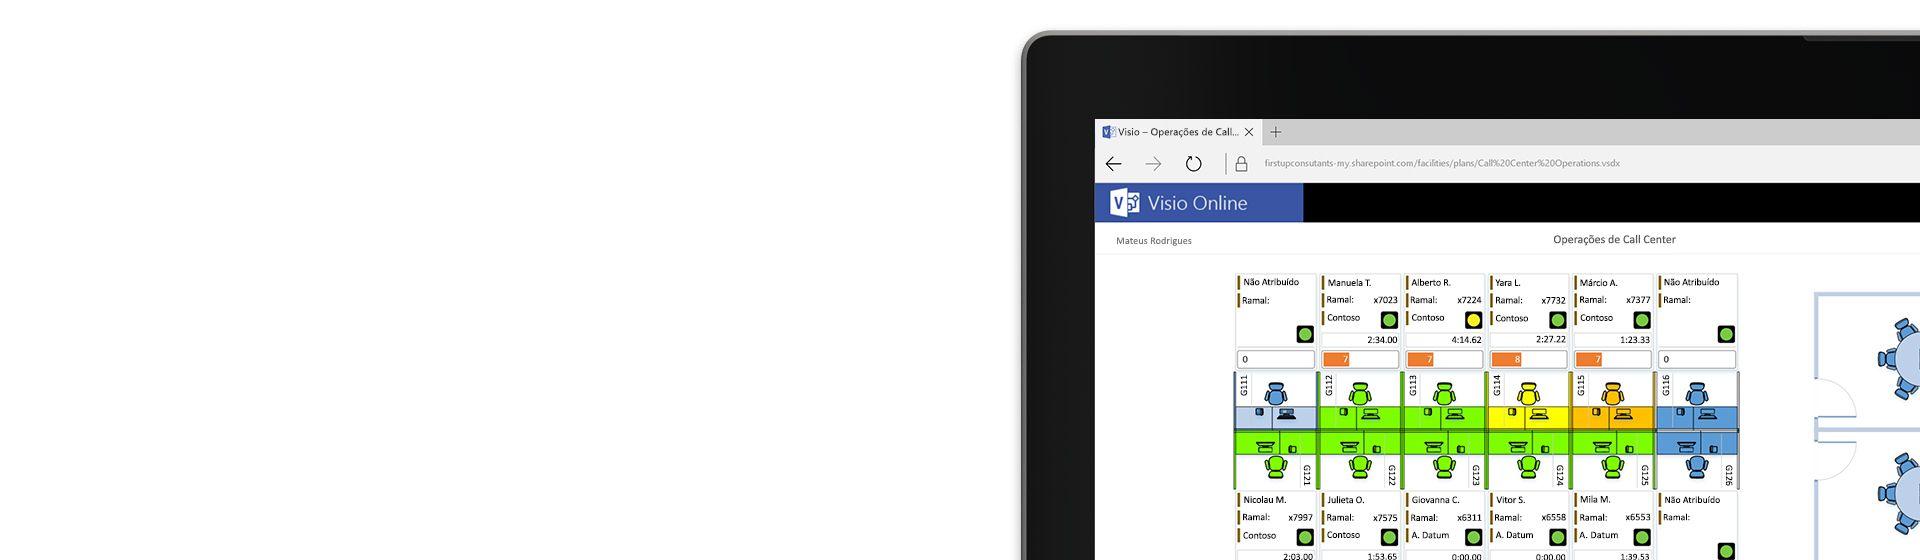 O canto de uma tela de tablet mostrando um diagrama de planta baixa de um call center no Visio